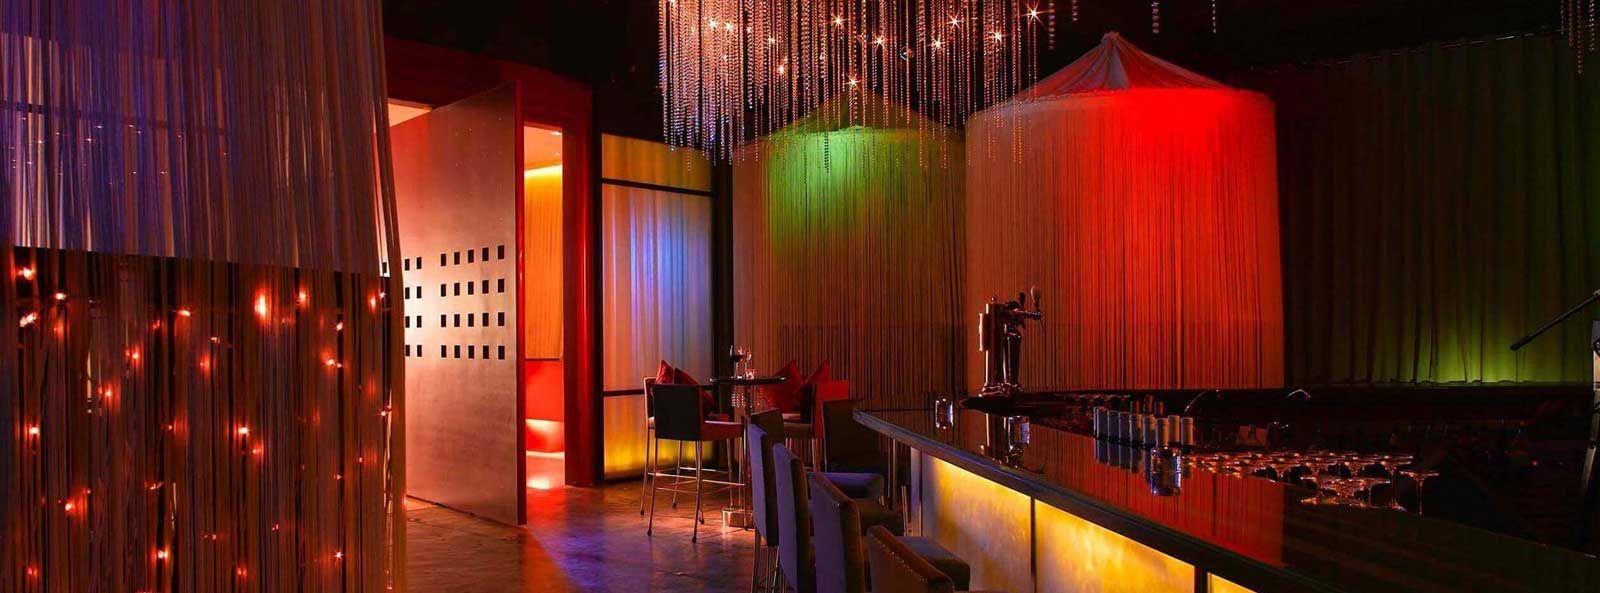 レストラン/バーNooch bar